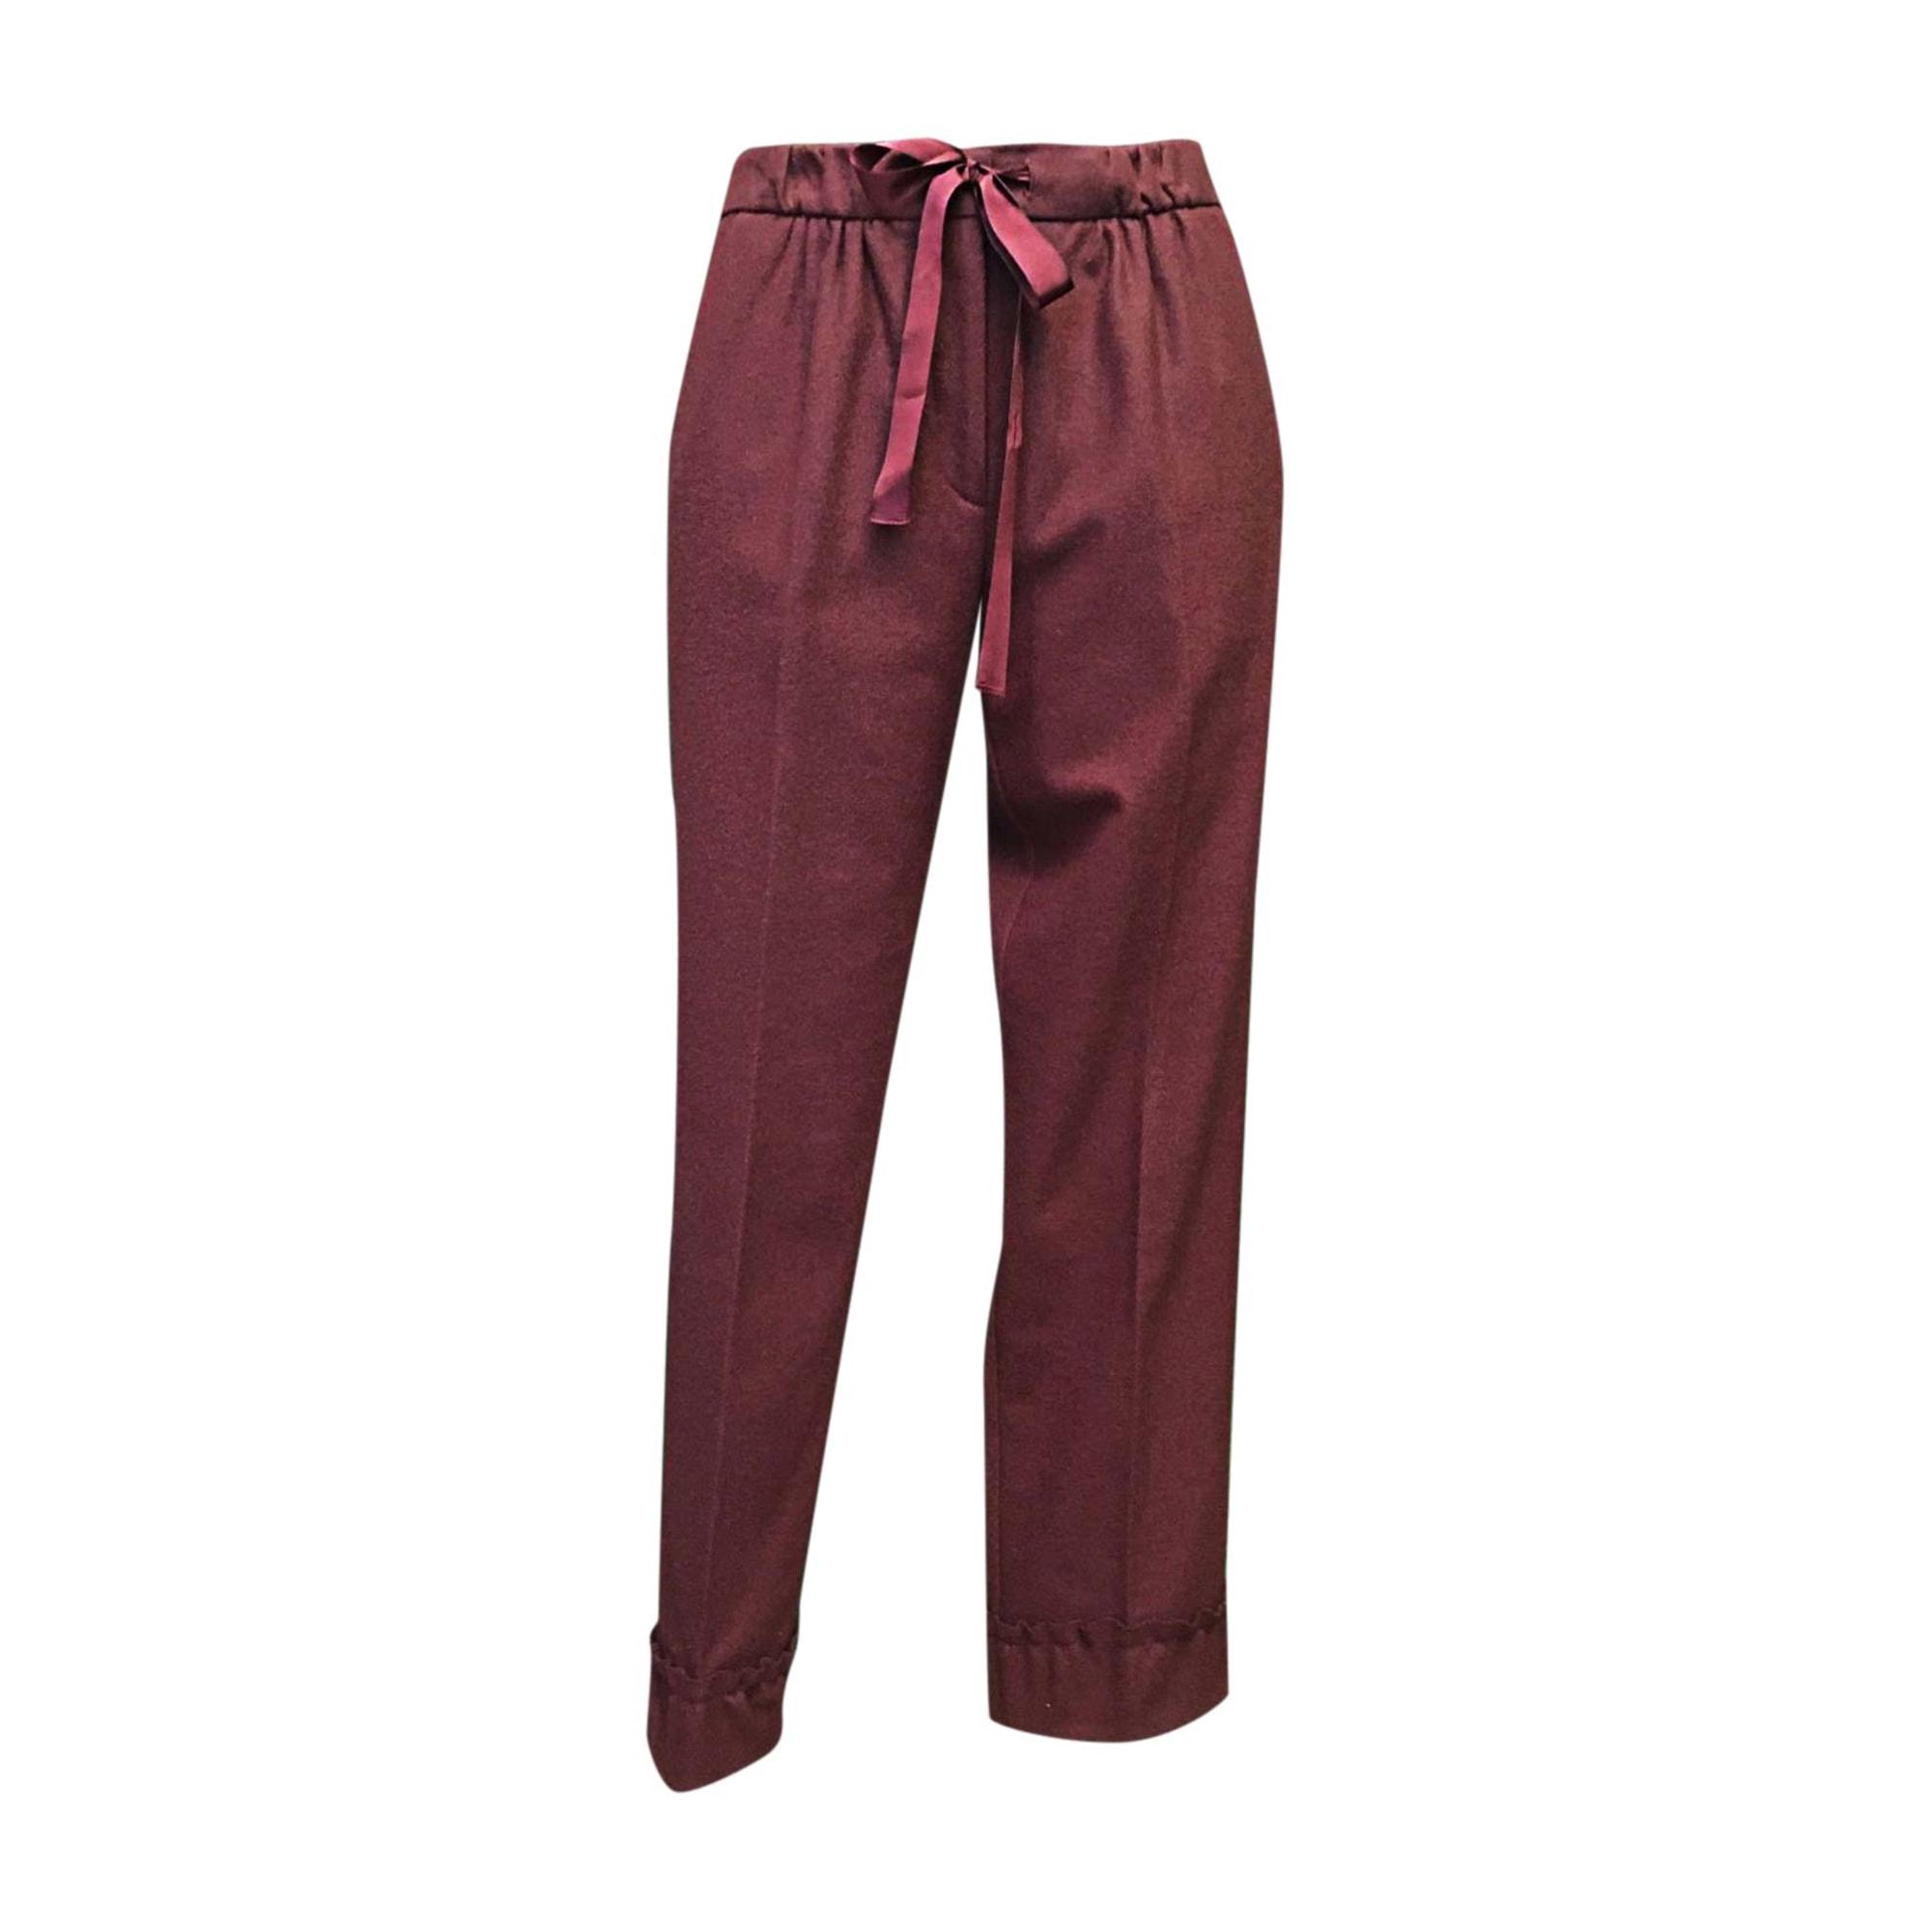 Pantalon droit NINA RICCI Rouge, bordeaux